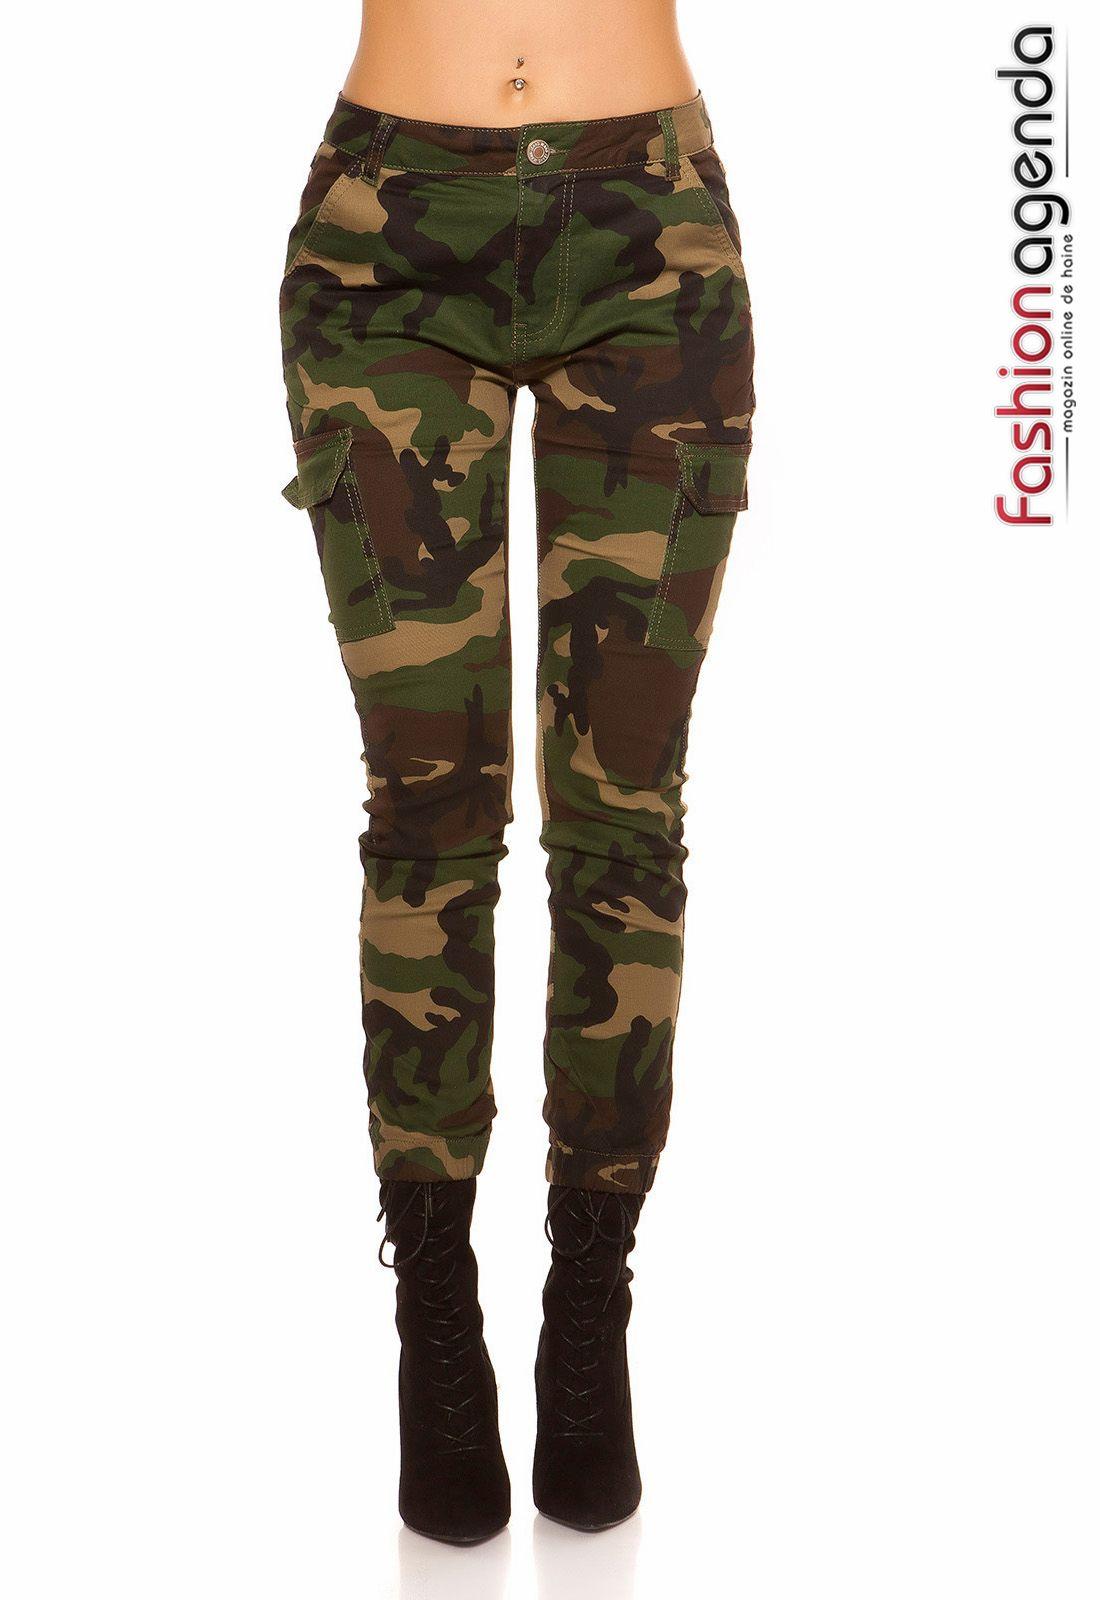 a basso costo 8944a e40d1 Pantaloni Combat 01